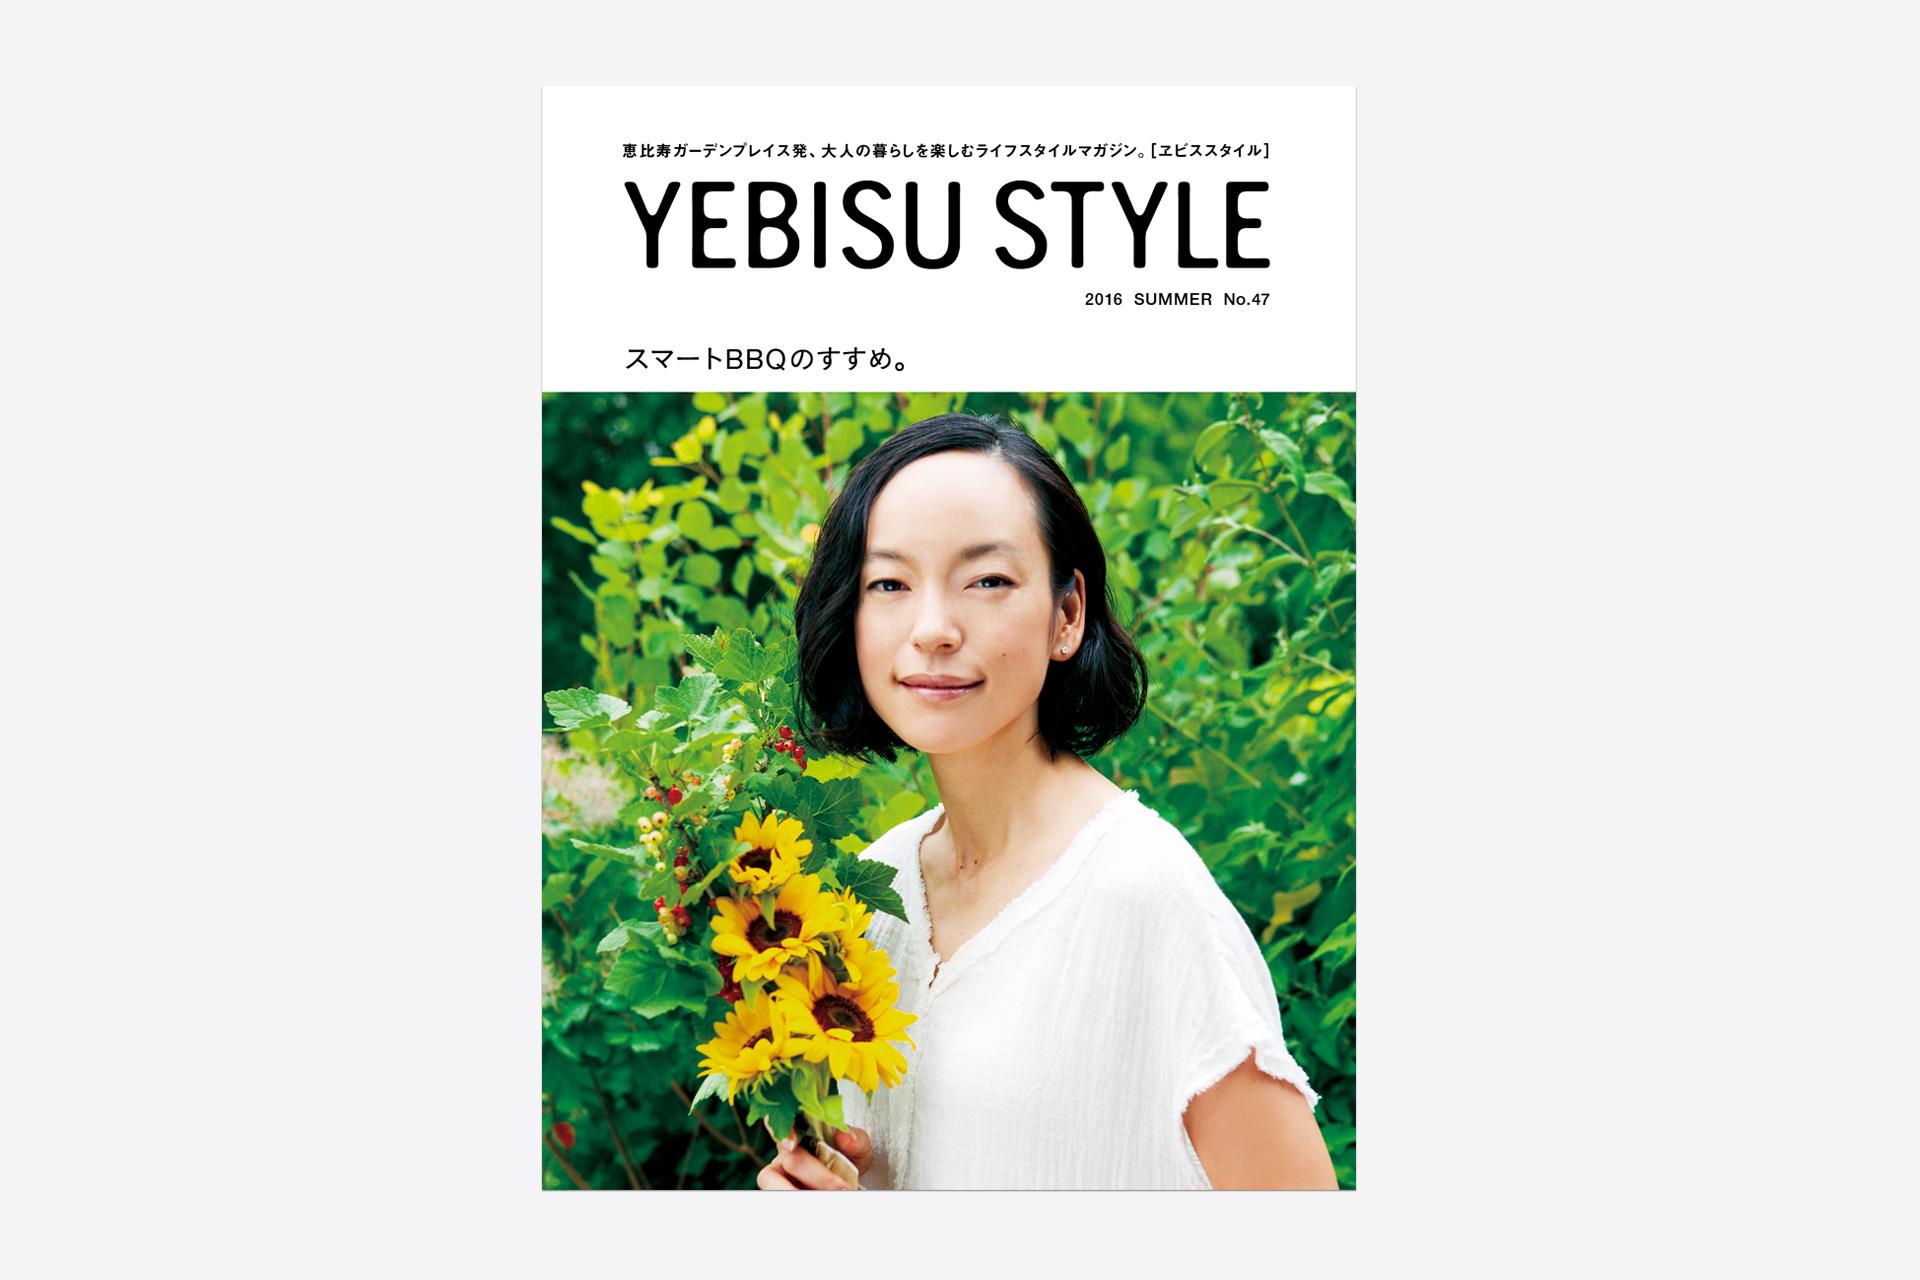 YEBISU STYLE vol.47